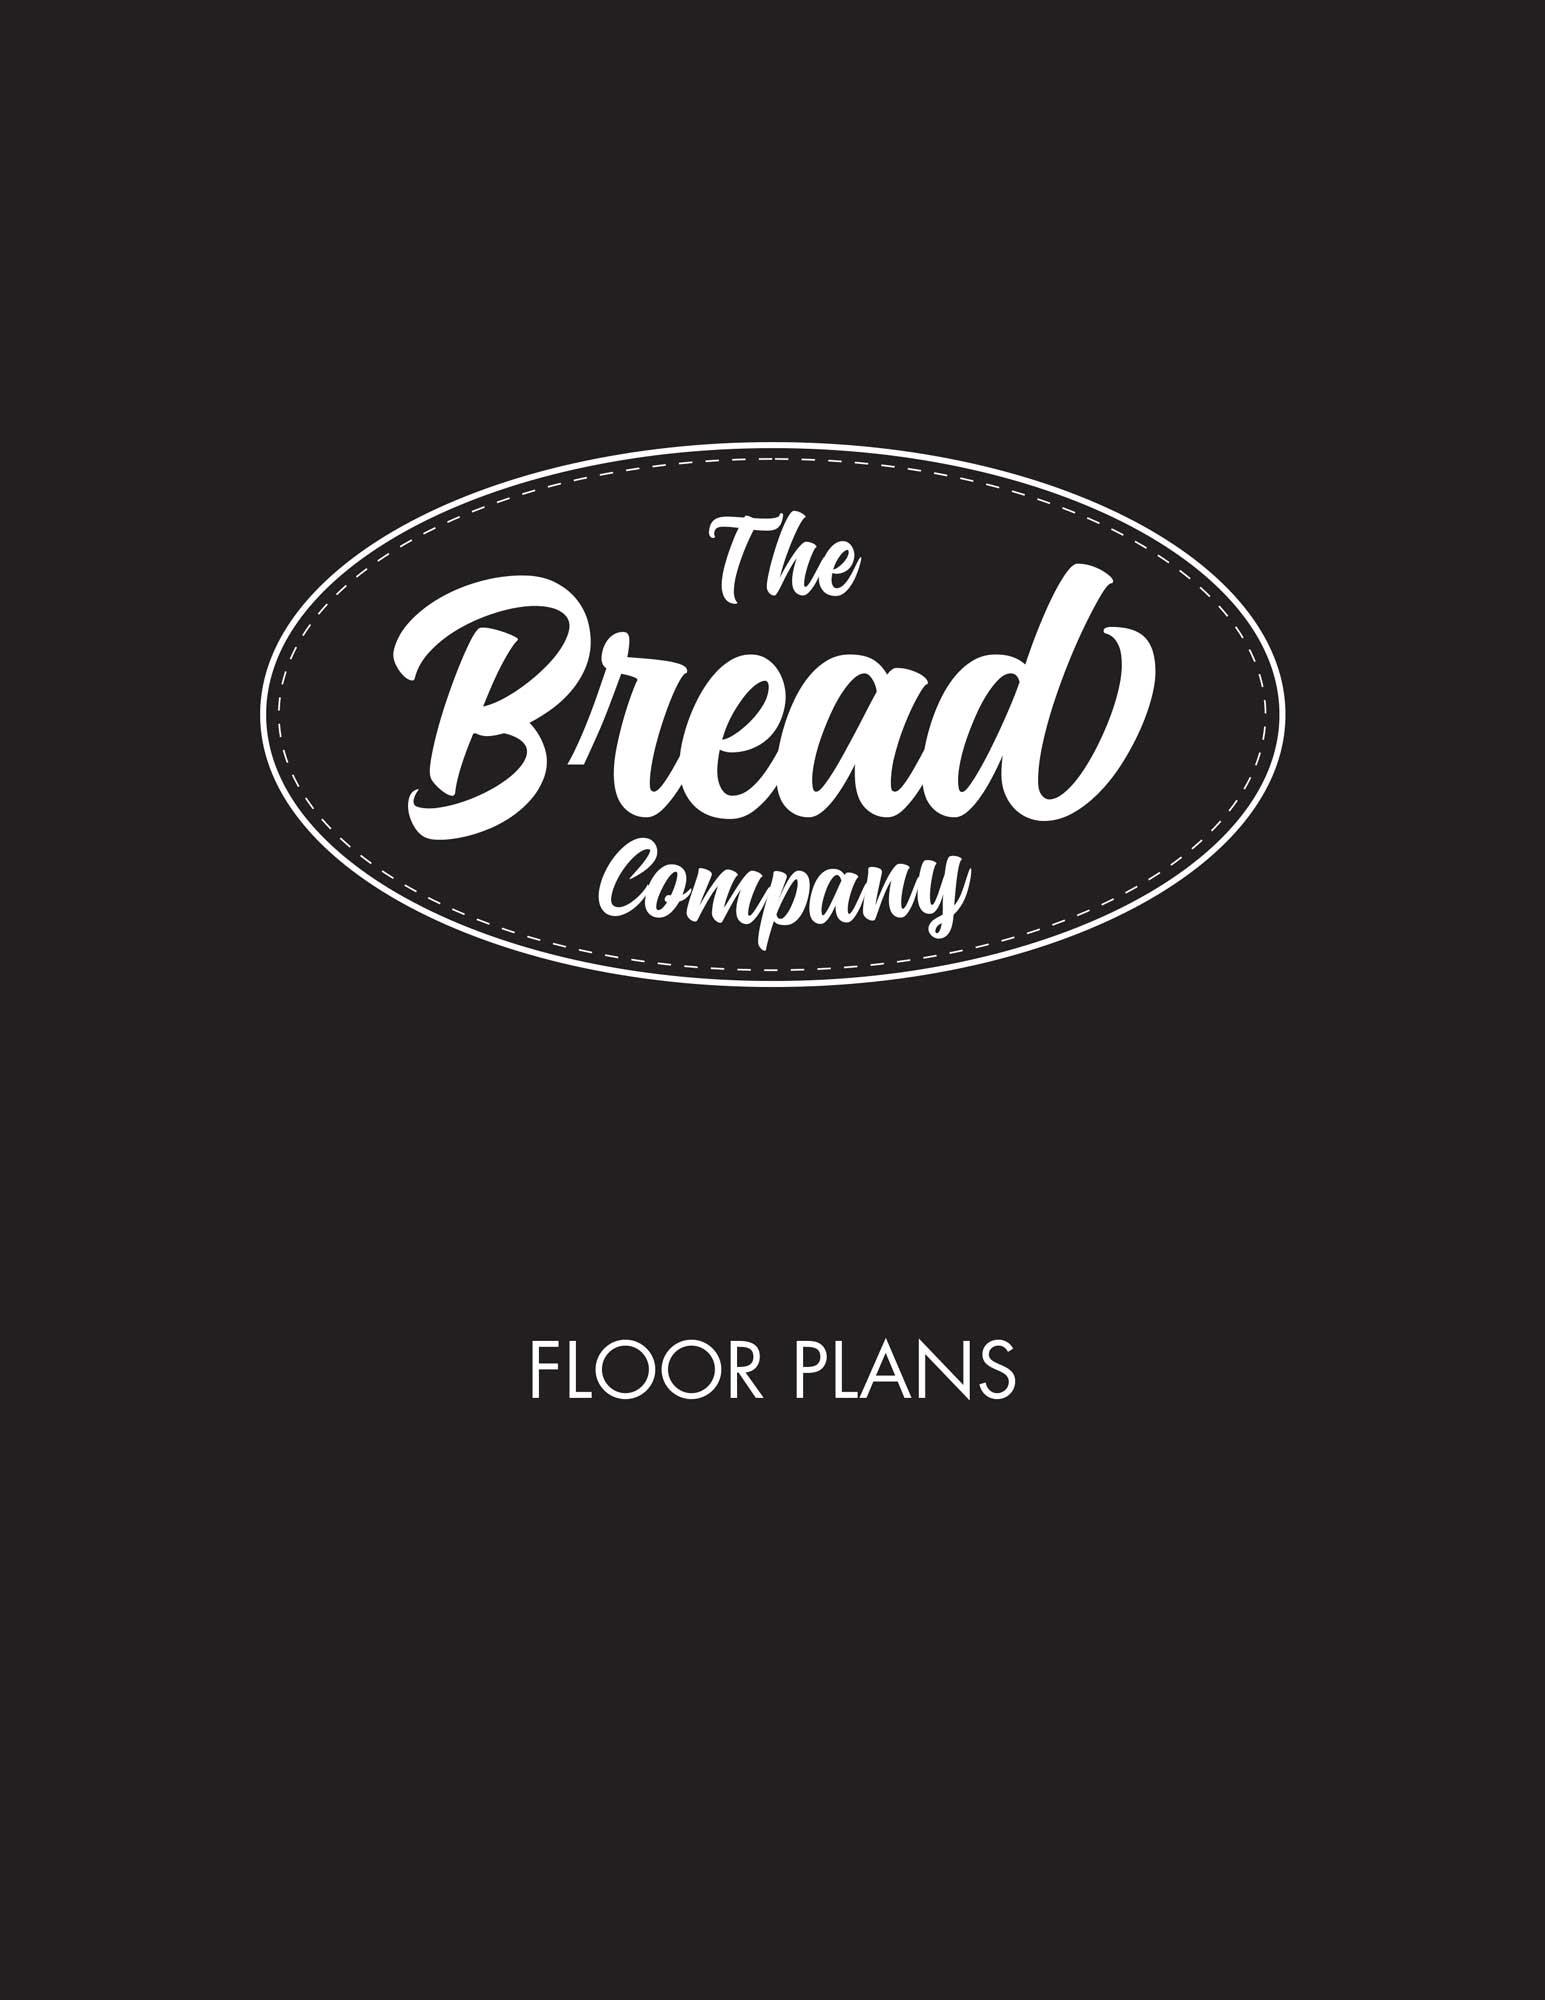 The-Bread-Company-condos-floorplans